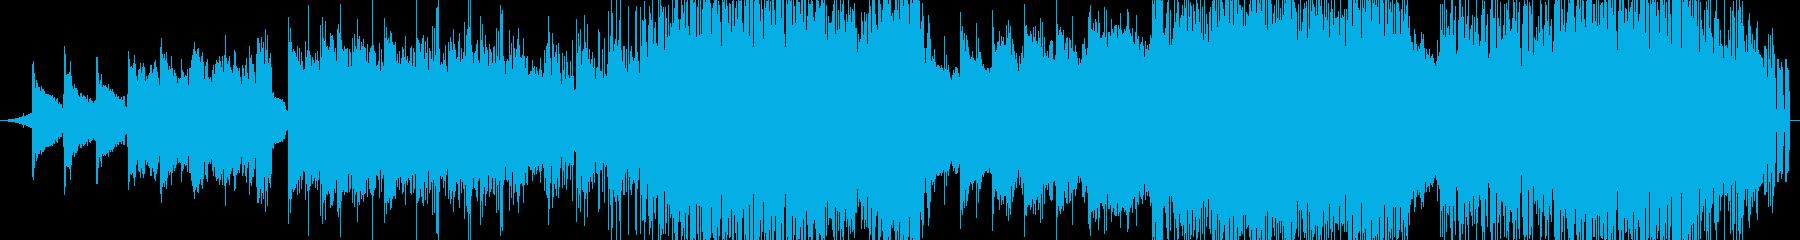 女性の歌声を起用した切なさ漂うエレクトロの再生済みの波形